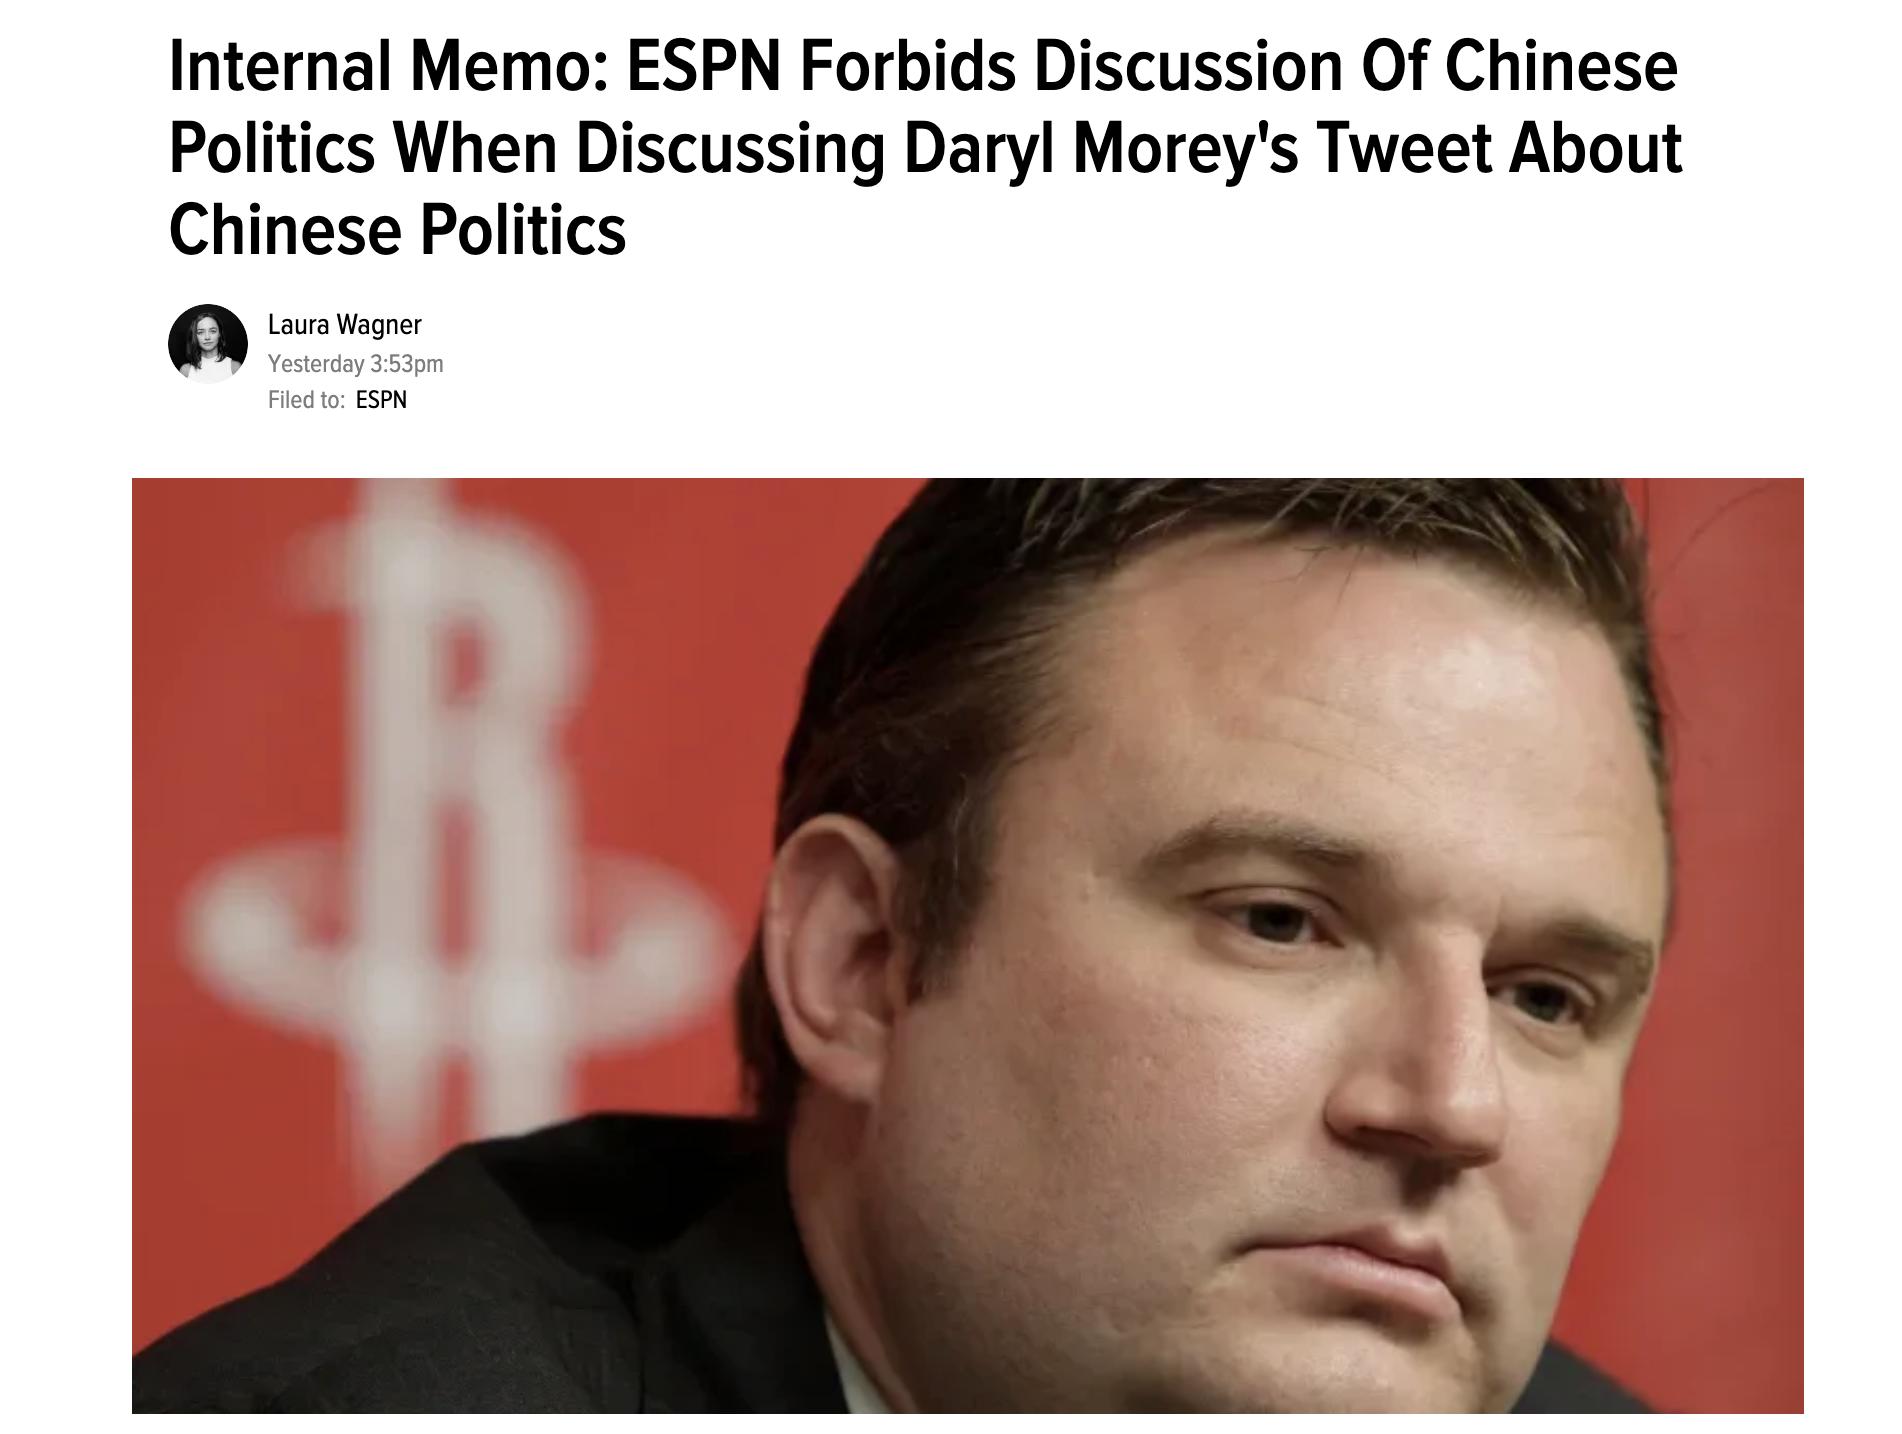 ESPN今日要求旗下的节目报道中避免讨论中国政治